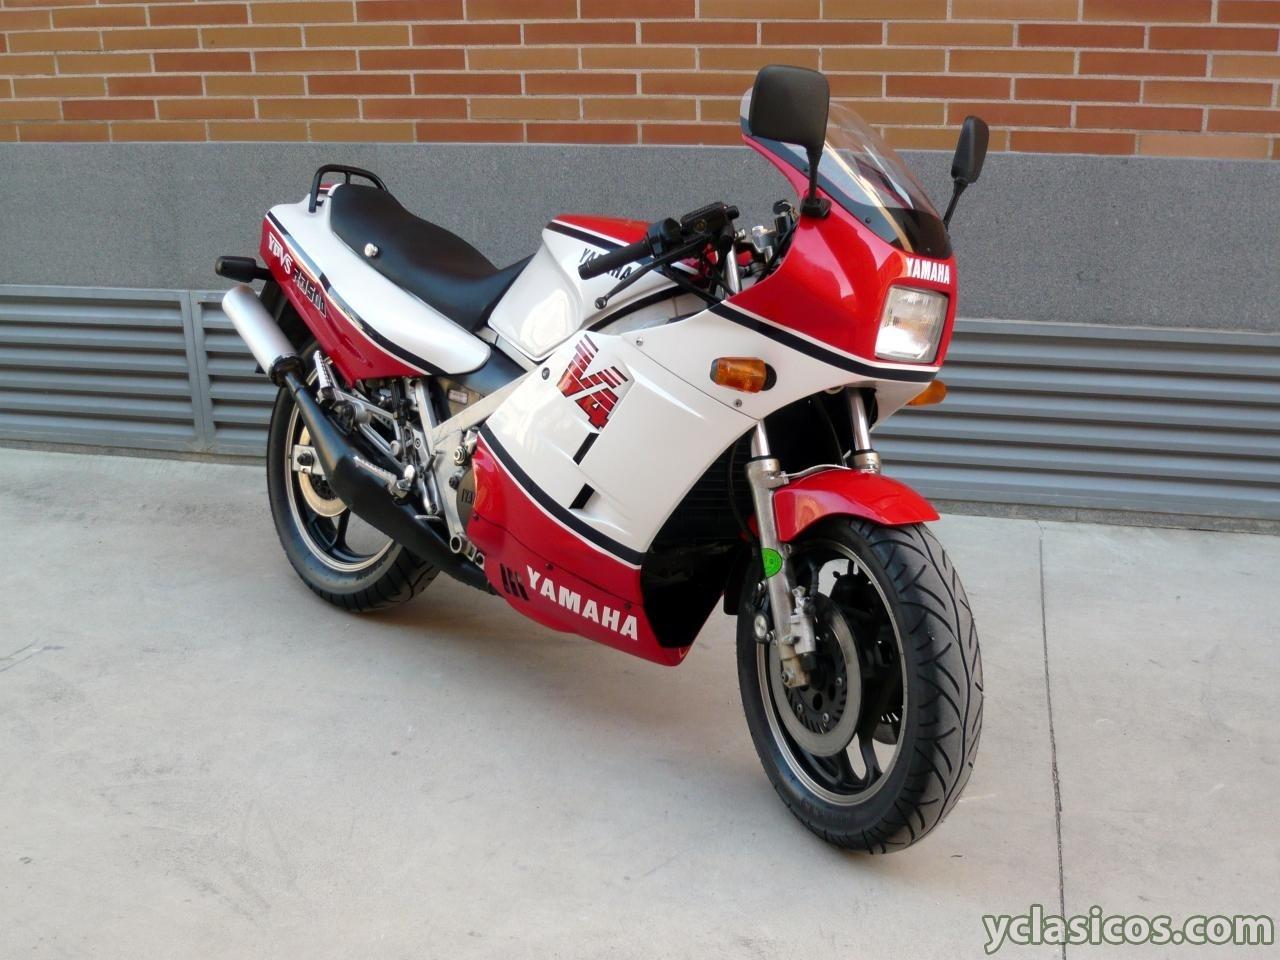 Yamaha Rd 500 4v 2 Tiempos En Venta Portal Compra Venta Vehículos Clásicos